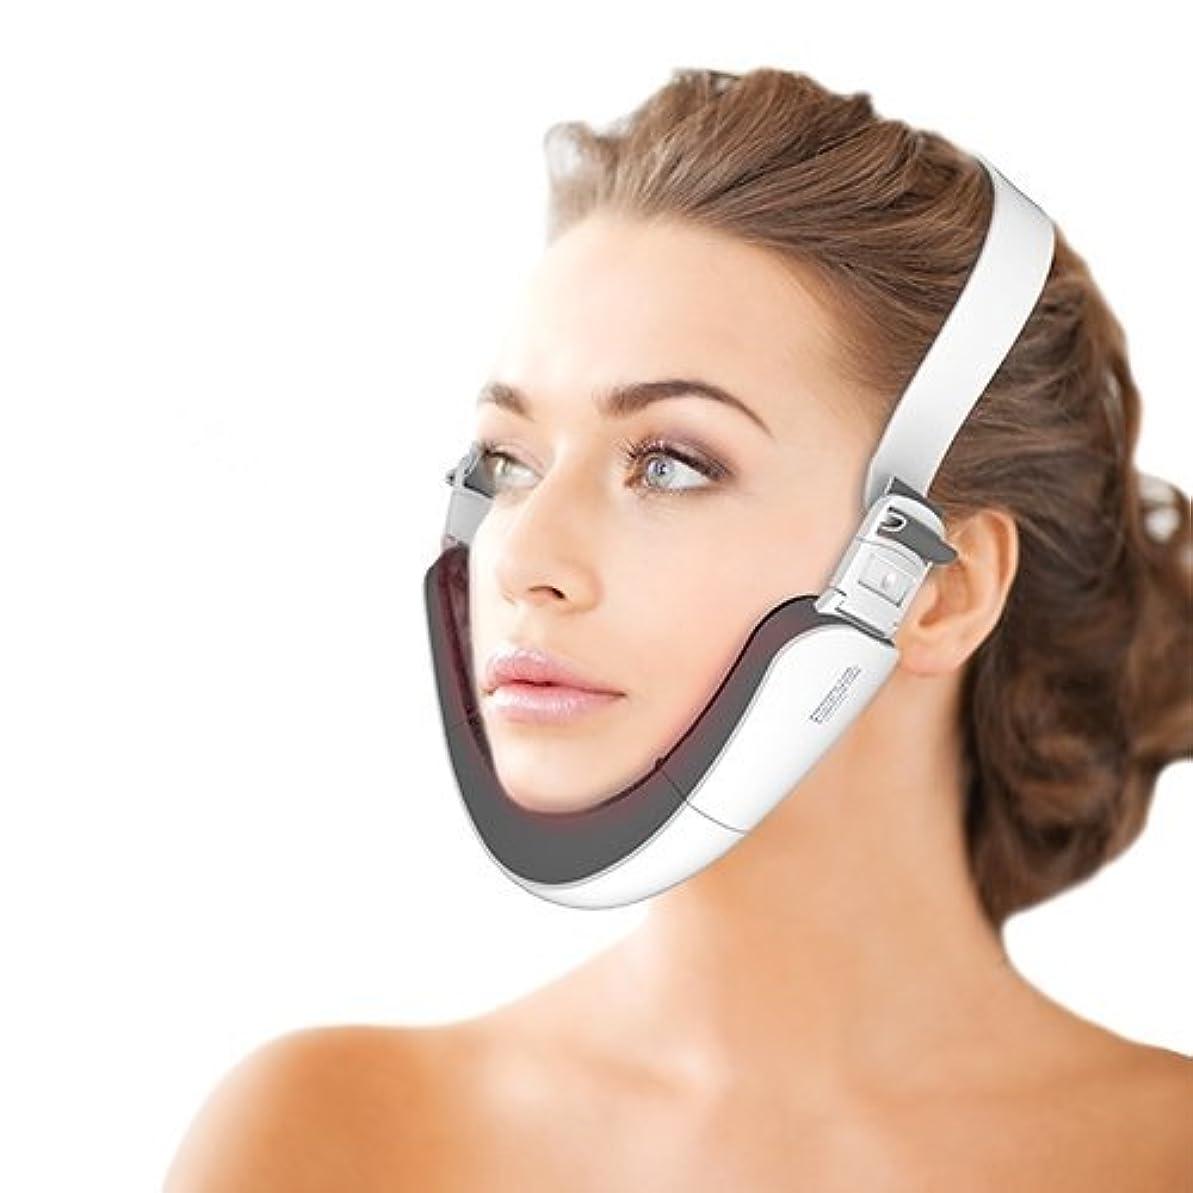 チップ透明に放射能美蘭 エムエス ネック&シン ケア システム / MIRANG MS Neck & Chin Care System MR-NV-111A Self Skin Care Device